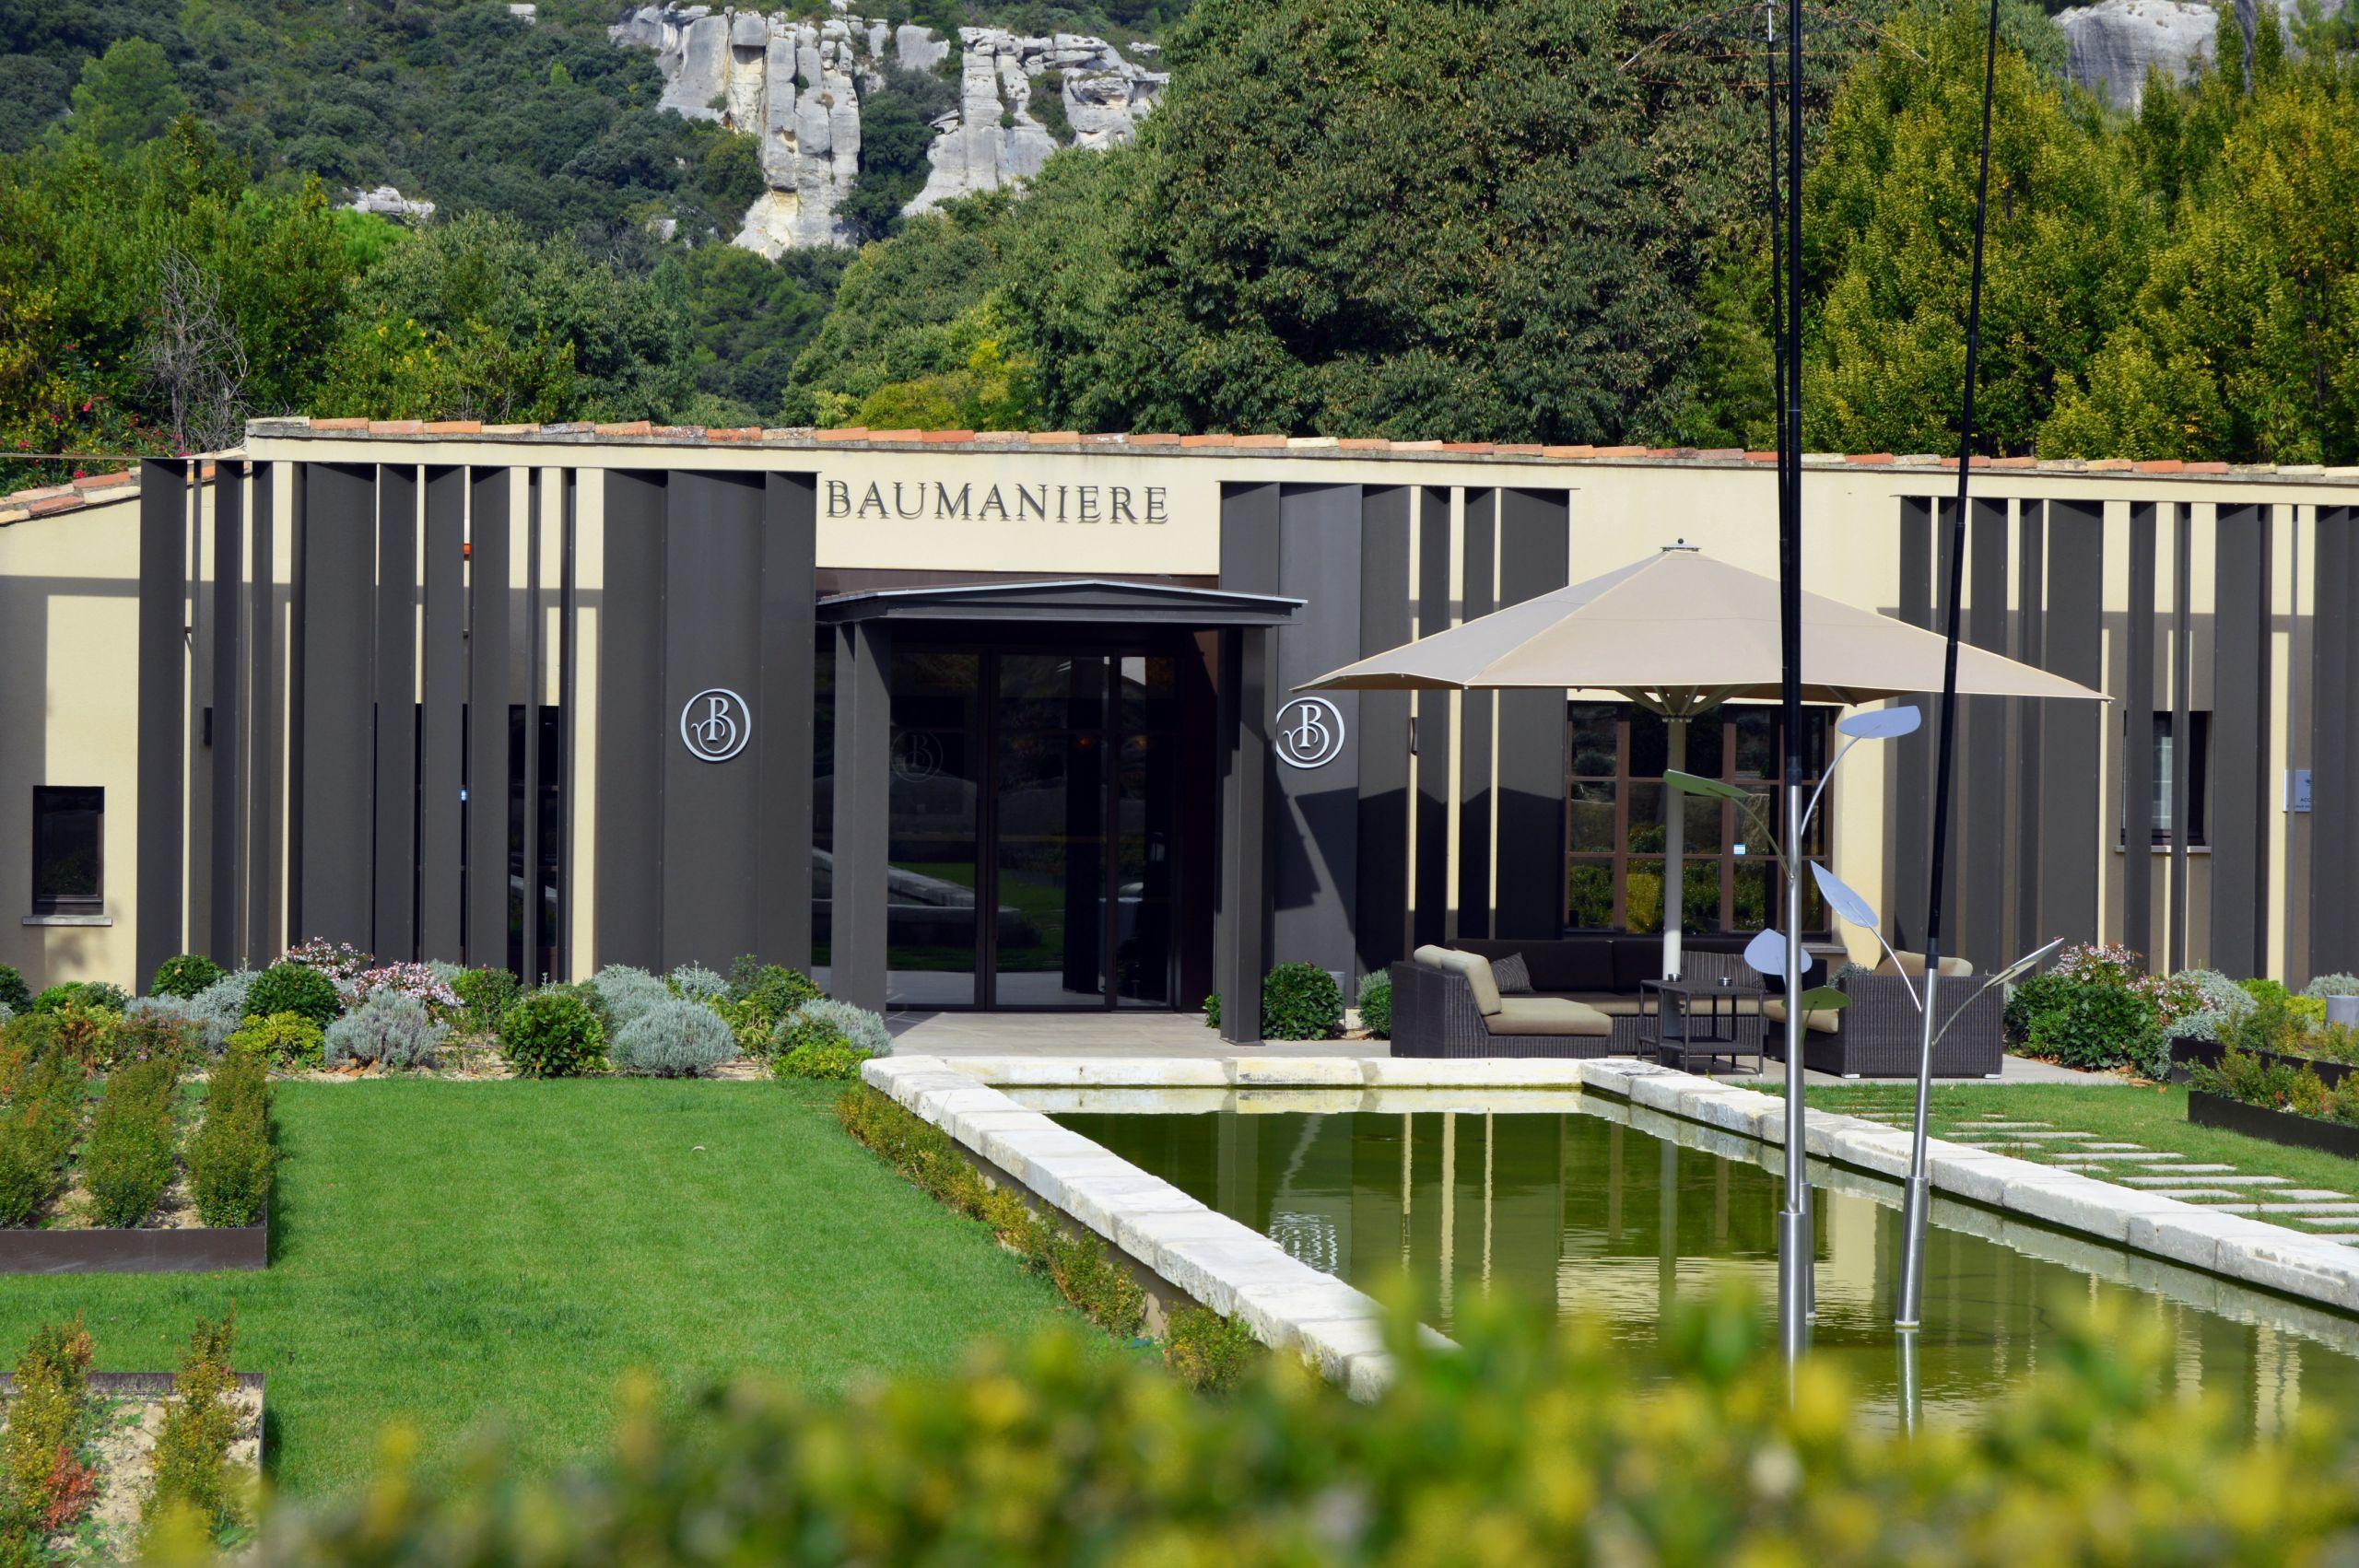 Hotel luxe Baumaniere sud corner 2